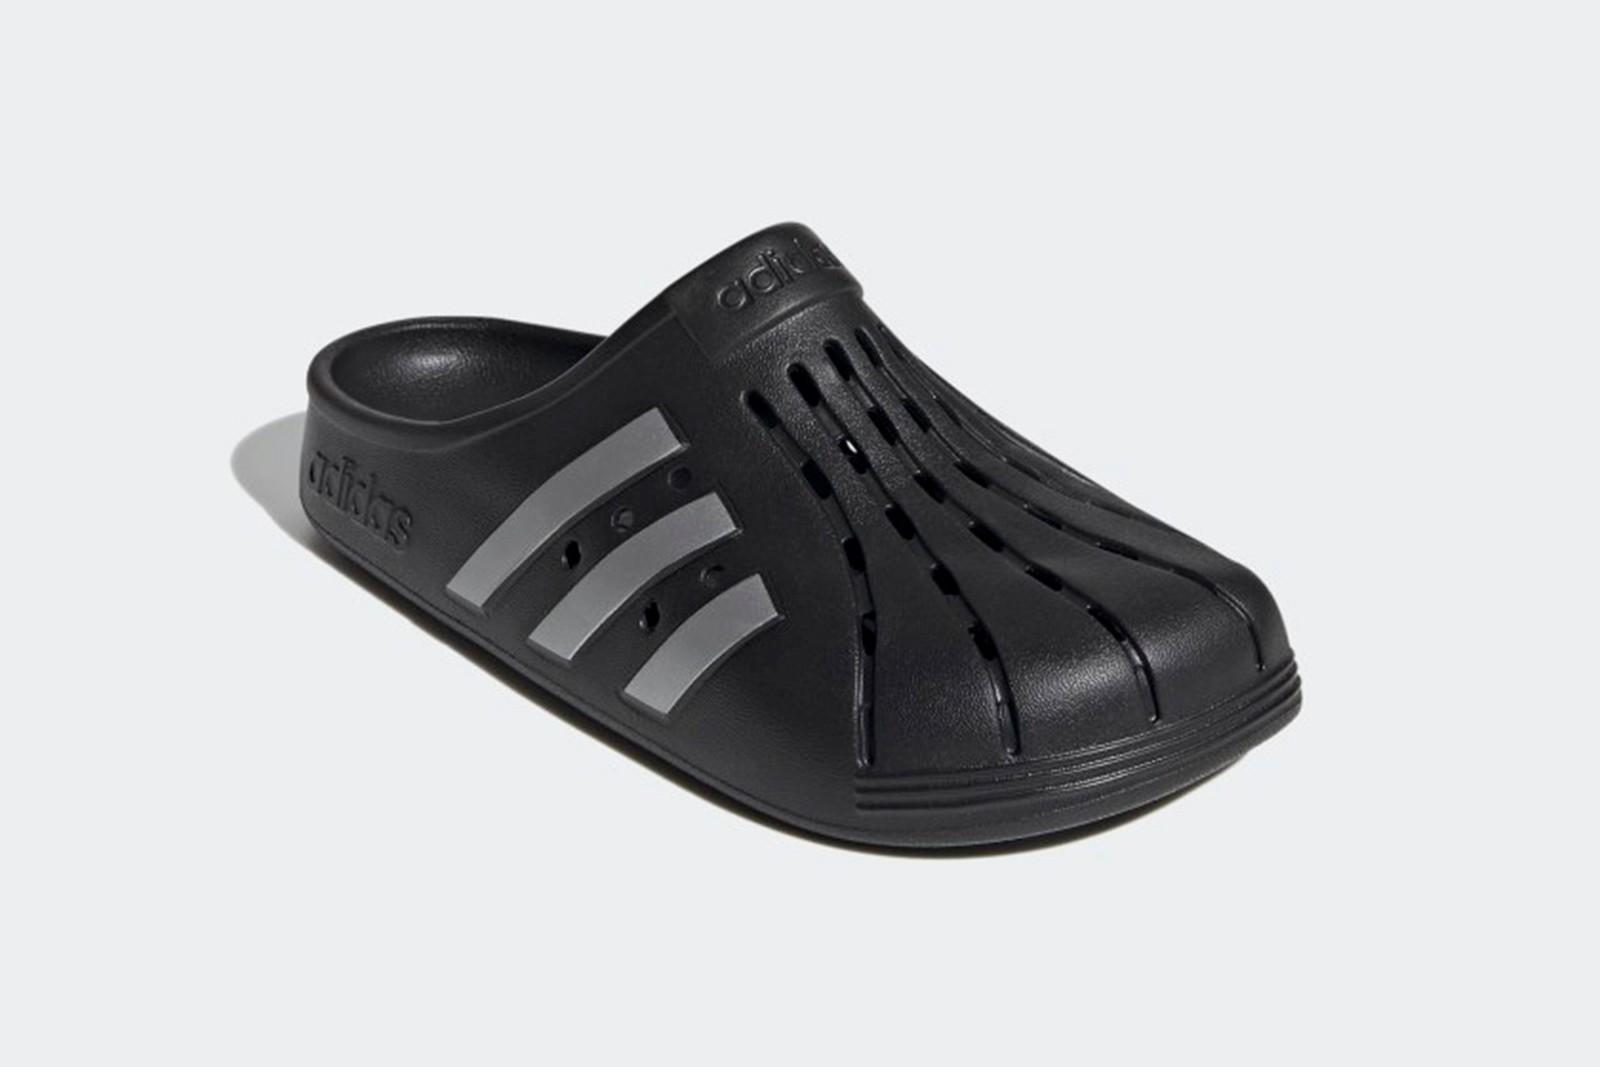 Adidas выпустил свою версию кроксов: сколько стоит новинка - фото 3